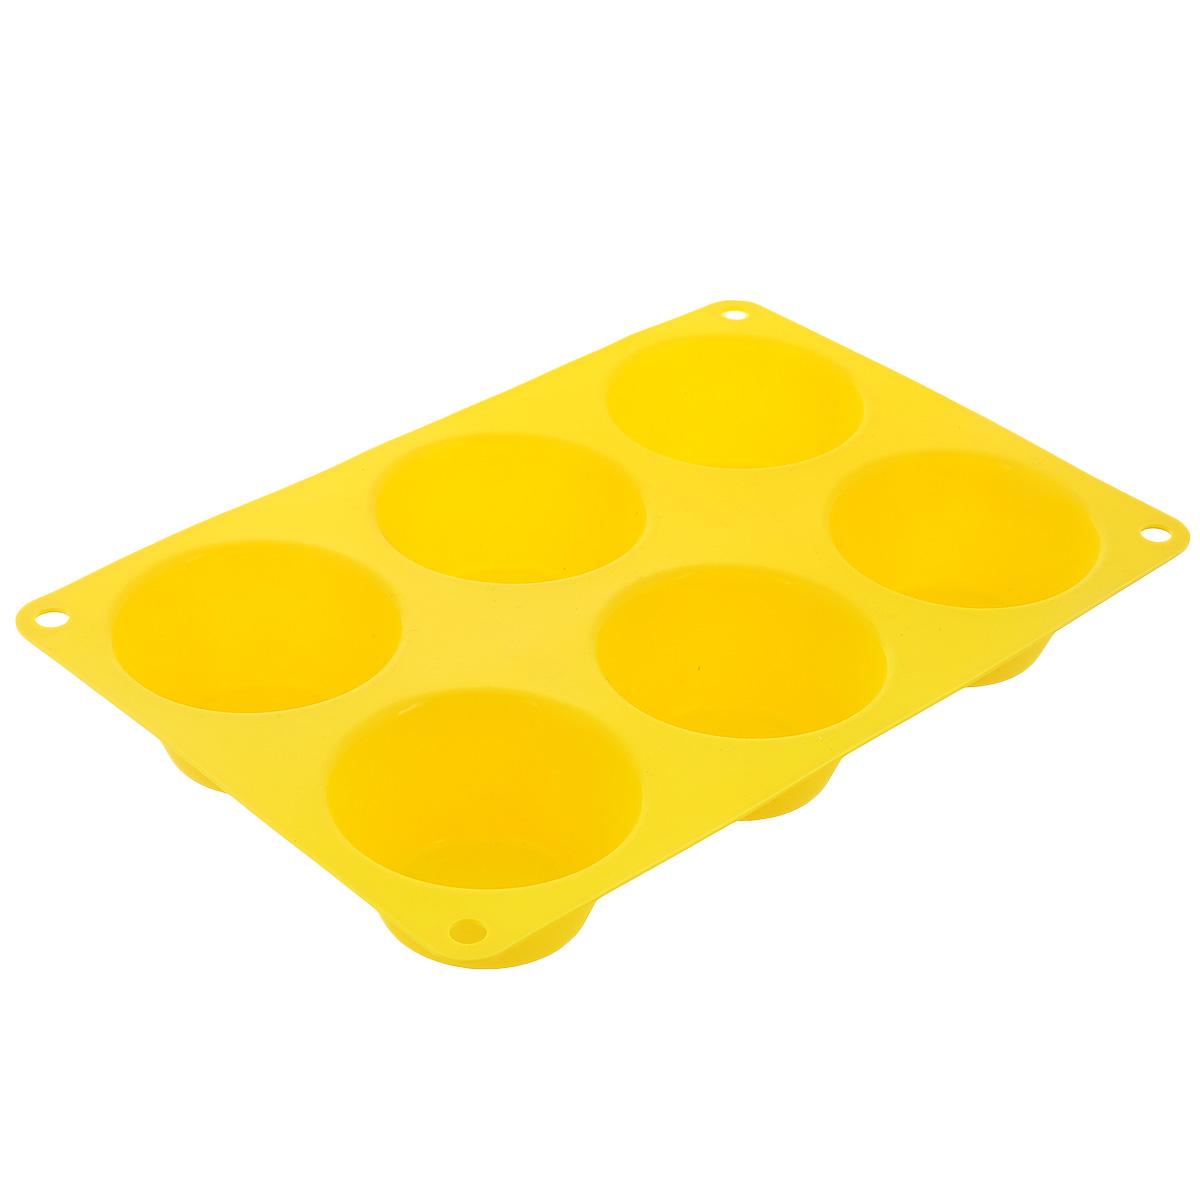 Форма для выпечки маффинов Taller, цвет: желтый, 6 ячеекTR-6200Форма Taller будет отличным выбором для всех любителей выпечки. Благодаря тому, что форма изготовлена из силикона, готовую выпечку или мармелад вынимать легко и просто. Изделие выполнено в форме прямоугольника, внутри которого расположены 6 круглых ячеек. Форма прекрасно подойдет для выпечки маффинов.С такой формой вы всегда сможете порадовать своих близких оригинальной выпечкой. Материал изделия устойчив к фруктовым кислотам, может быть использован в духовках, микроволновых печах, холодильниках и морозильных камерах (выдерживает температуру от -20°C до 220°C). Антипригарные свойства материала позволяют готовить без использования масла.Можно мыть и сушить в посудомоечной машине. При работе с формой используйте кухонный инструмент из силикона - кисти, лопатки, скребки. Не ставьте форму на электрическую конфорку. Не разрезайте выпечку прямо в форме.Количество ячеек: 6 шт.Общий размер формы: 24 см х 16,5 см х 3,5 см.Диаметр ячейки: 7 см.Глубина ячейки: 3,5 см.